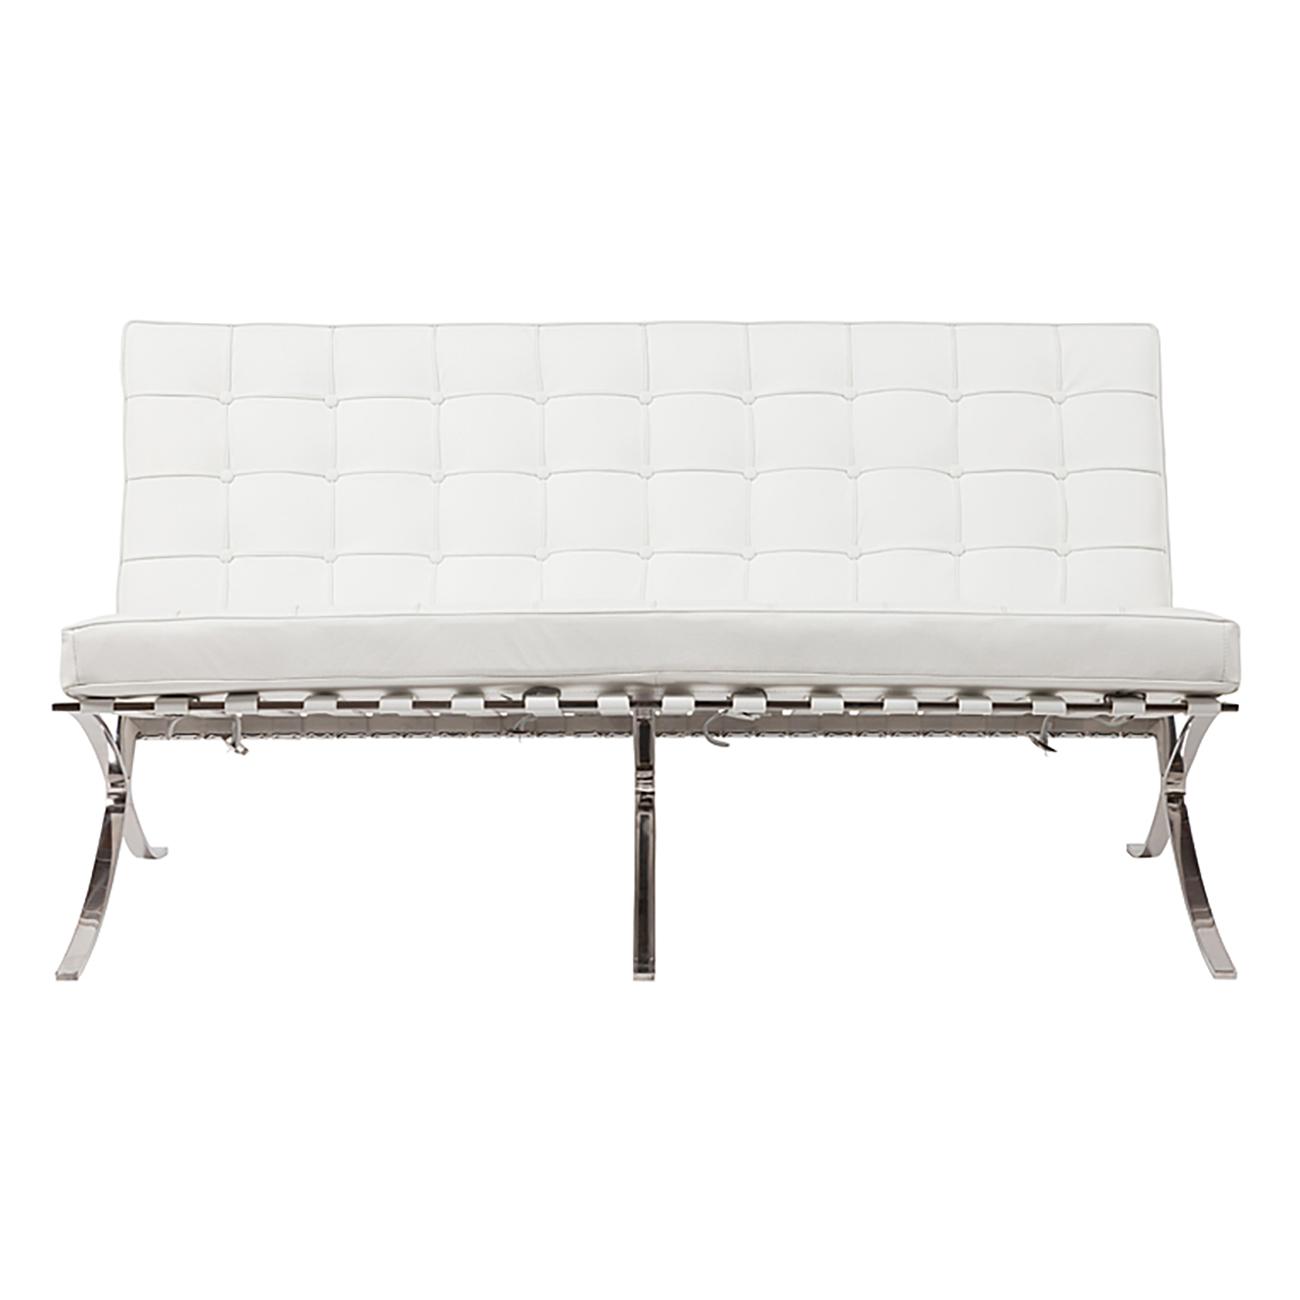 Купить Диван Barcelona Двухместный Белый Кожа Класса Премиум в интернет магазине дизайнерской мебели и аксессуаров для дома и дачи